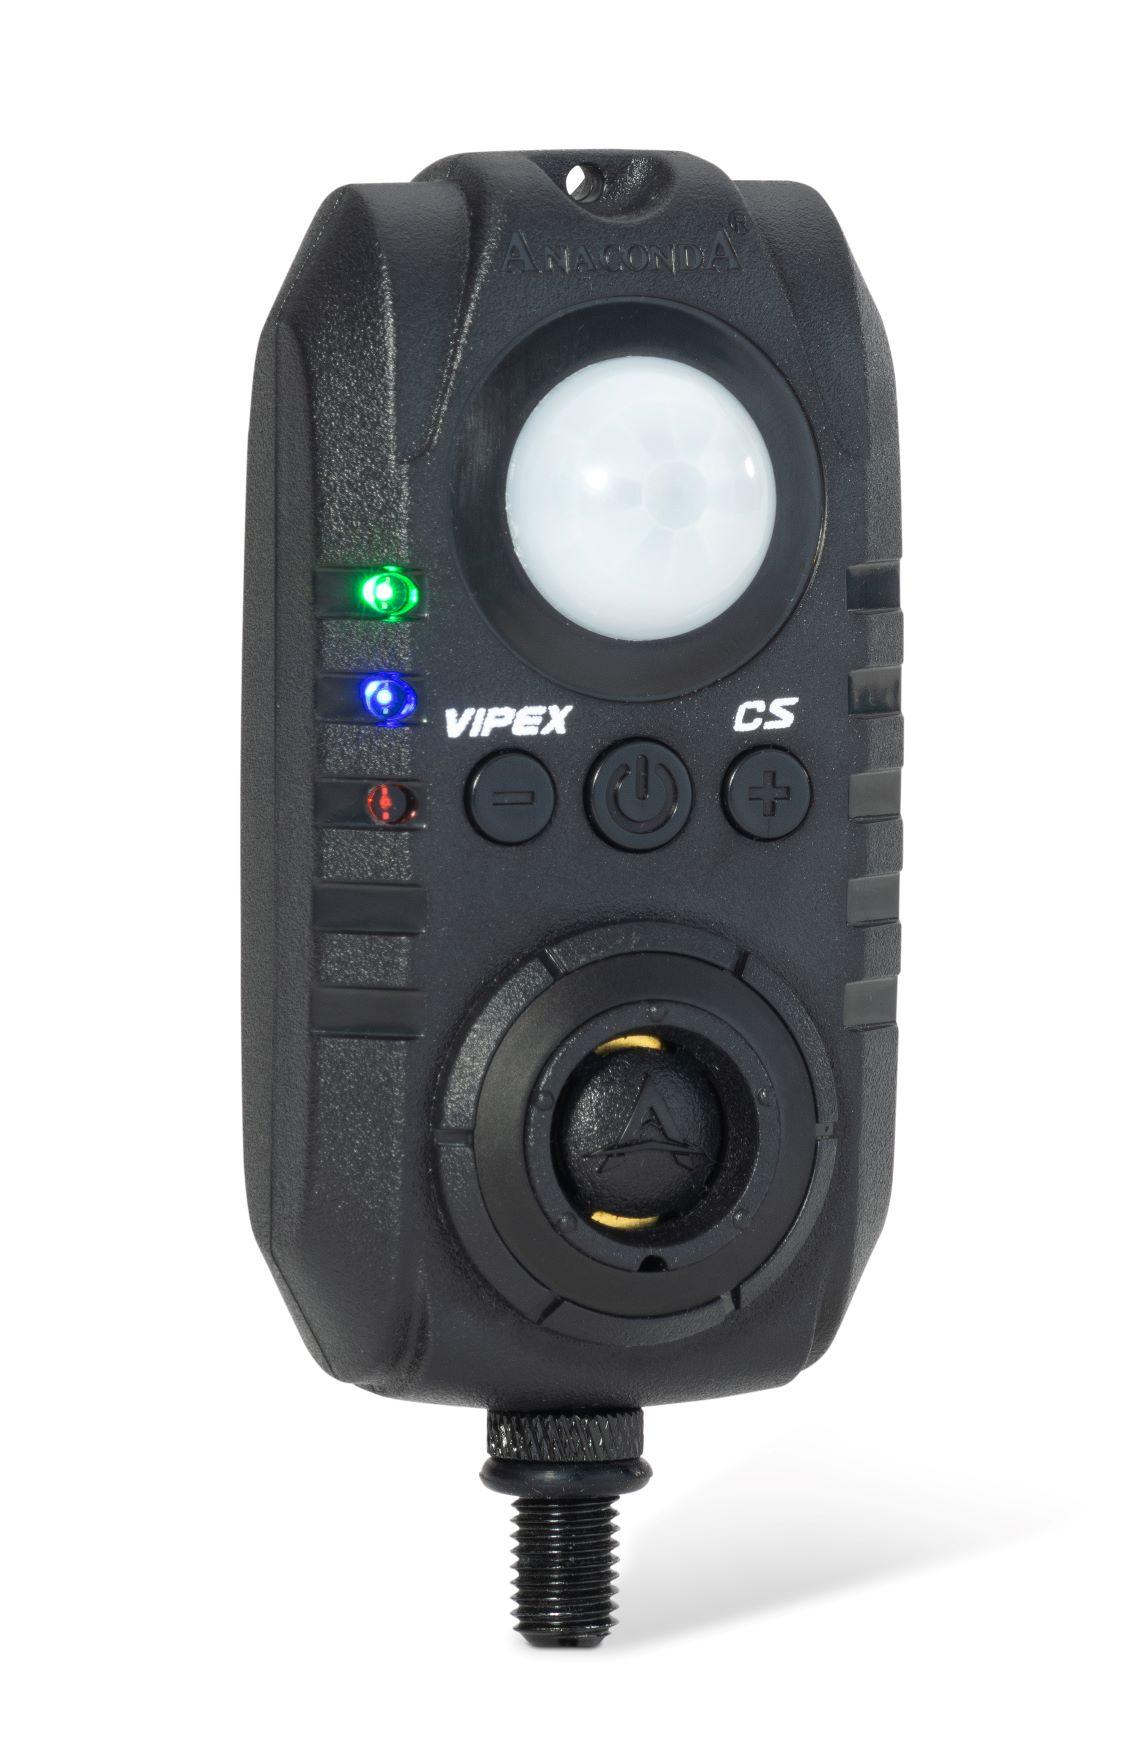 Anaconda sada 4 hlásičů s příposlechem, čidlem pohybu, světlem a dálkovým ovládáním Vipex RS profi set (červená, zelená, modrá, žlutá)